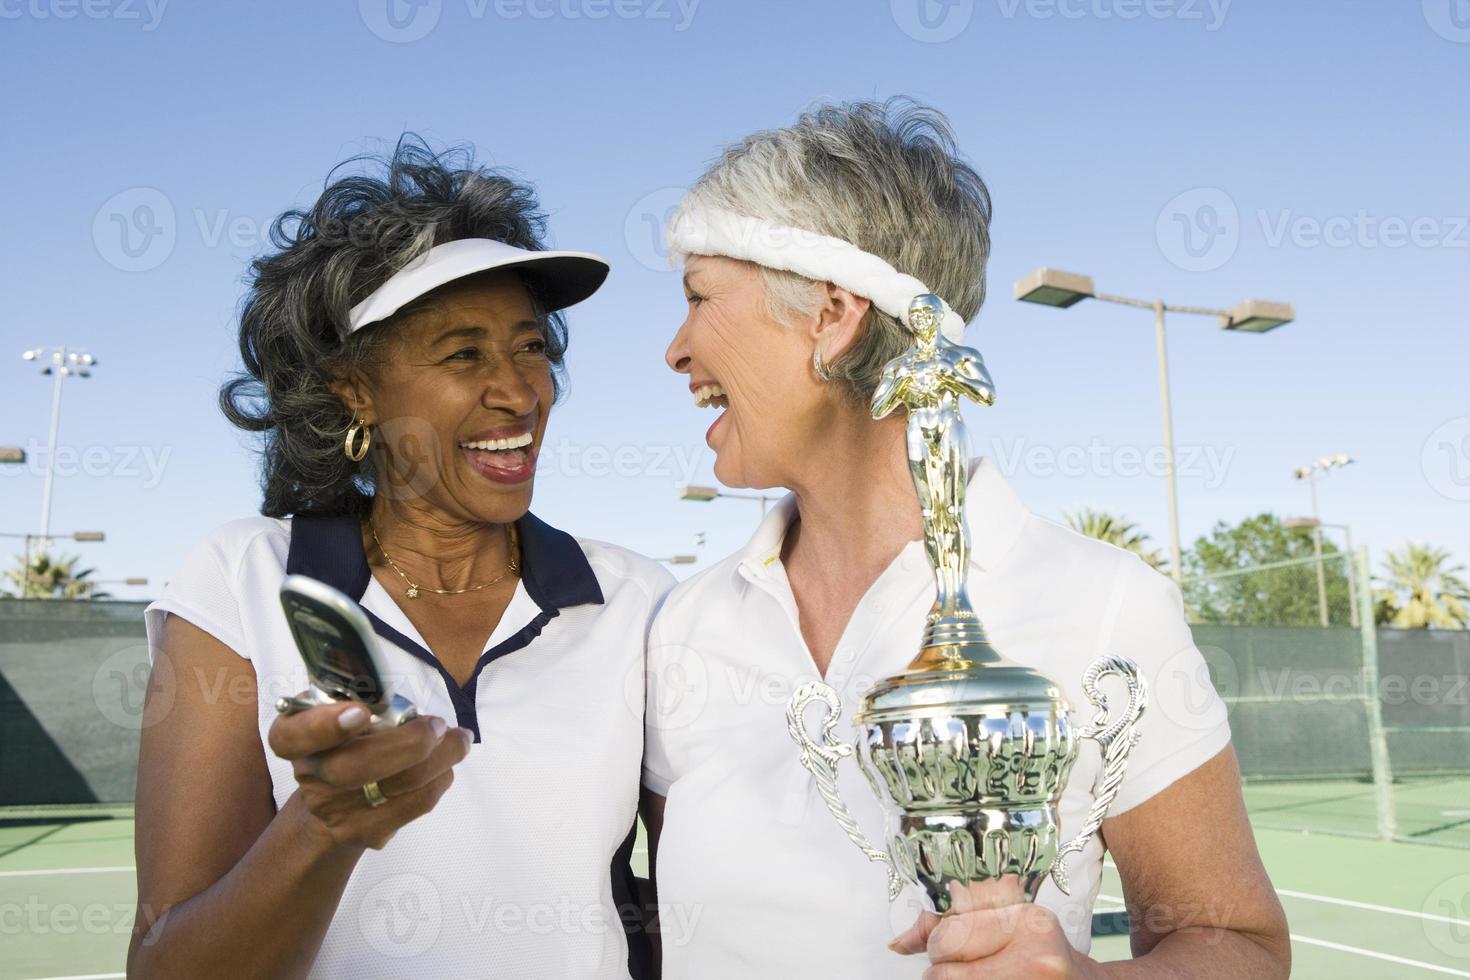 deux joueuses de tennis photo